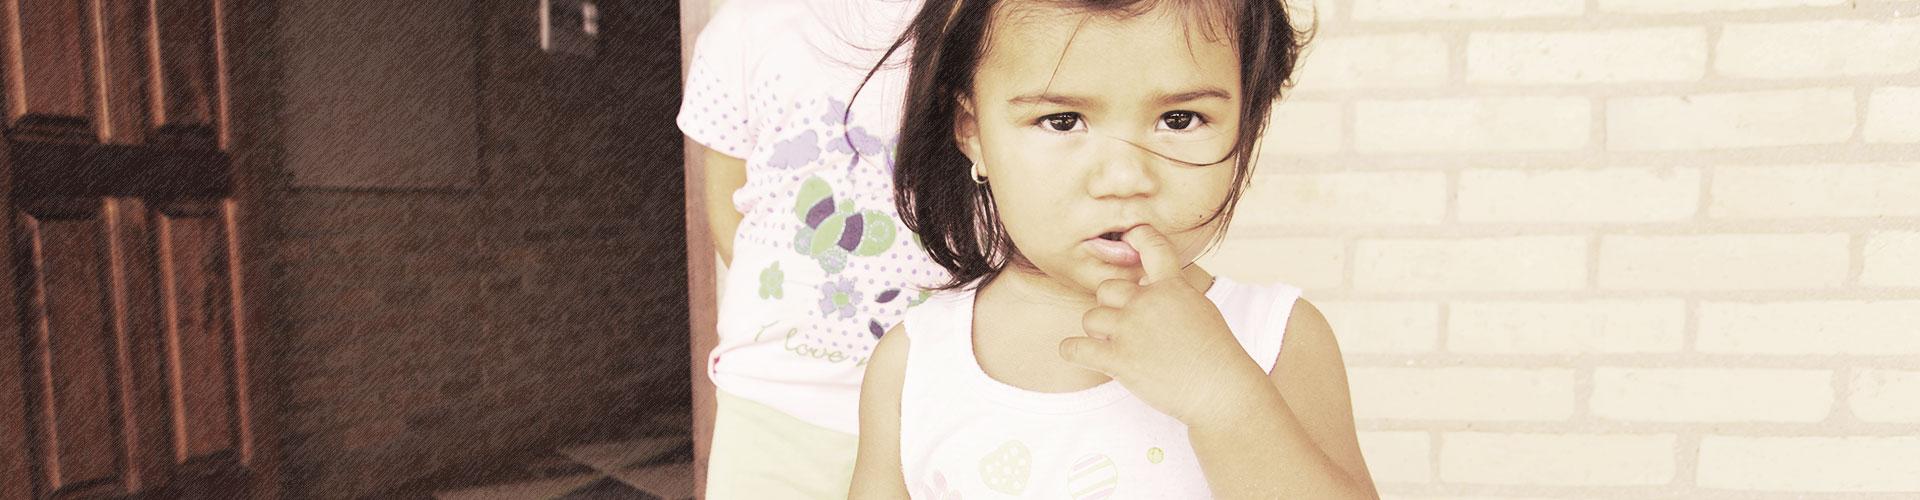 associazione mango onlus -adotta bambini del paraguay